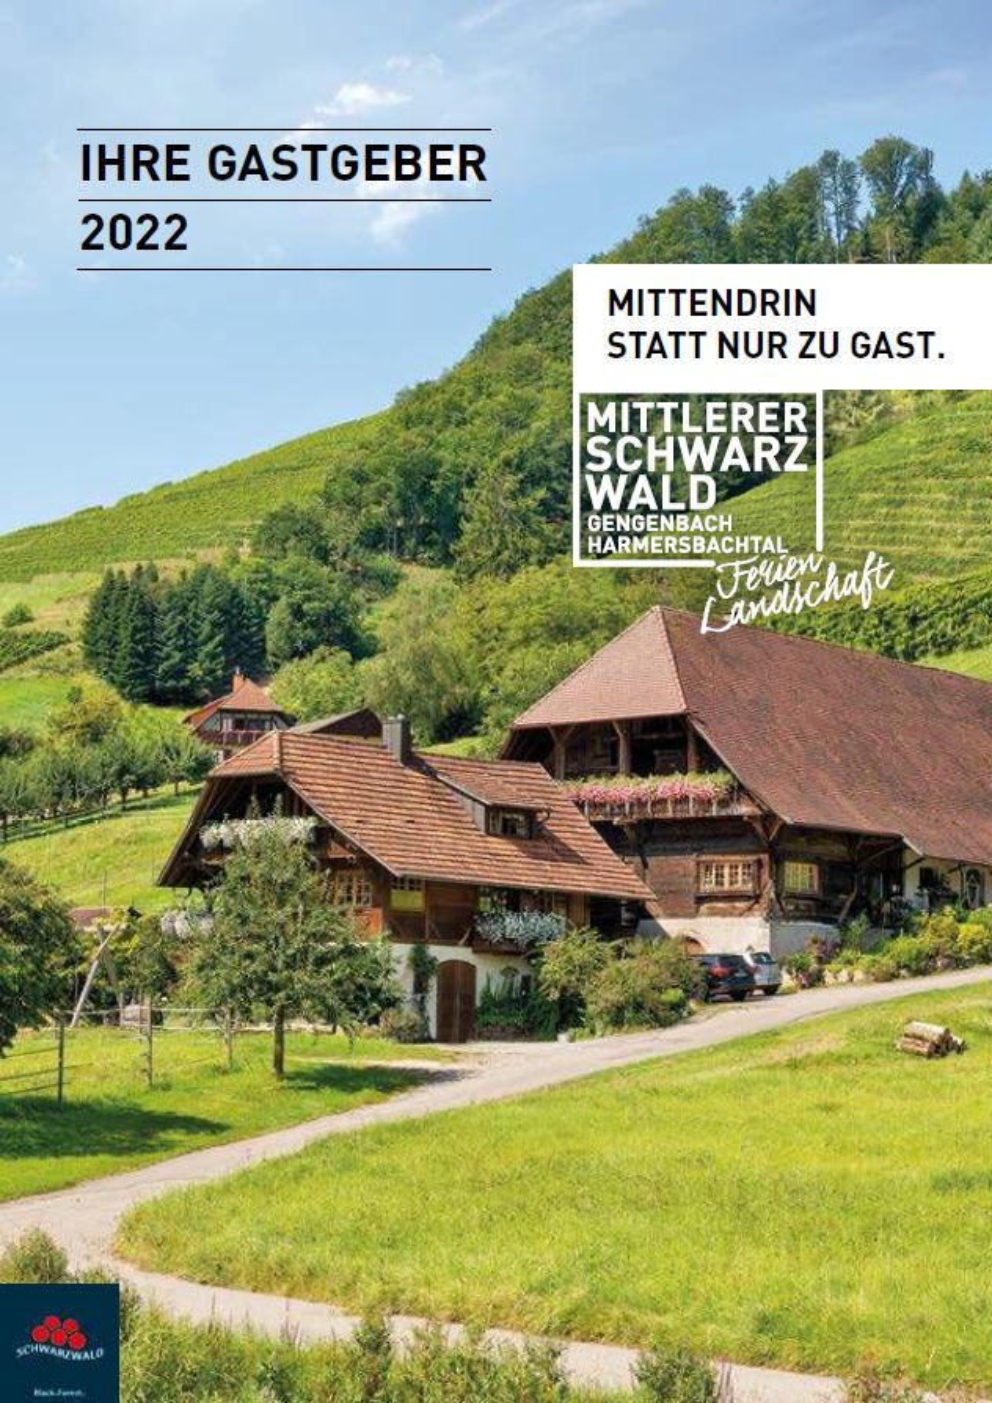 Schwarzwald - Gastgeberverzeichnis Mittlerer Schwarzwald – Gengenbach, Harmersbachtal